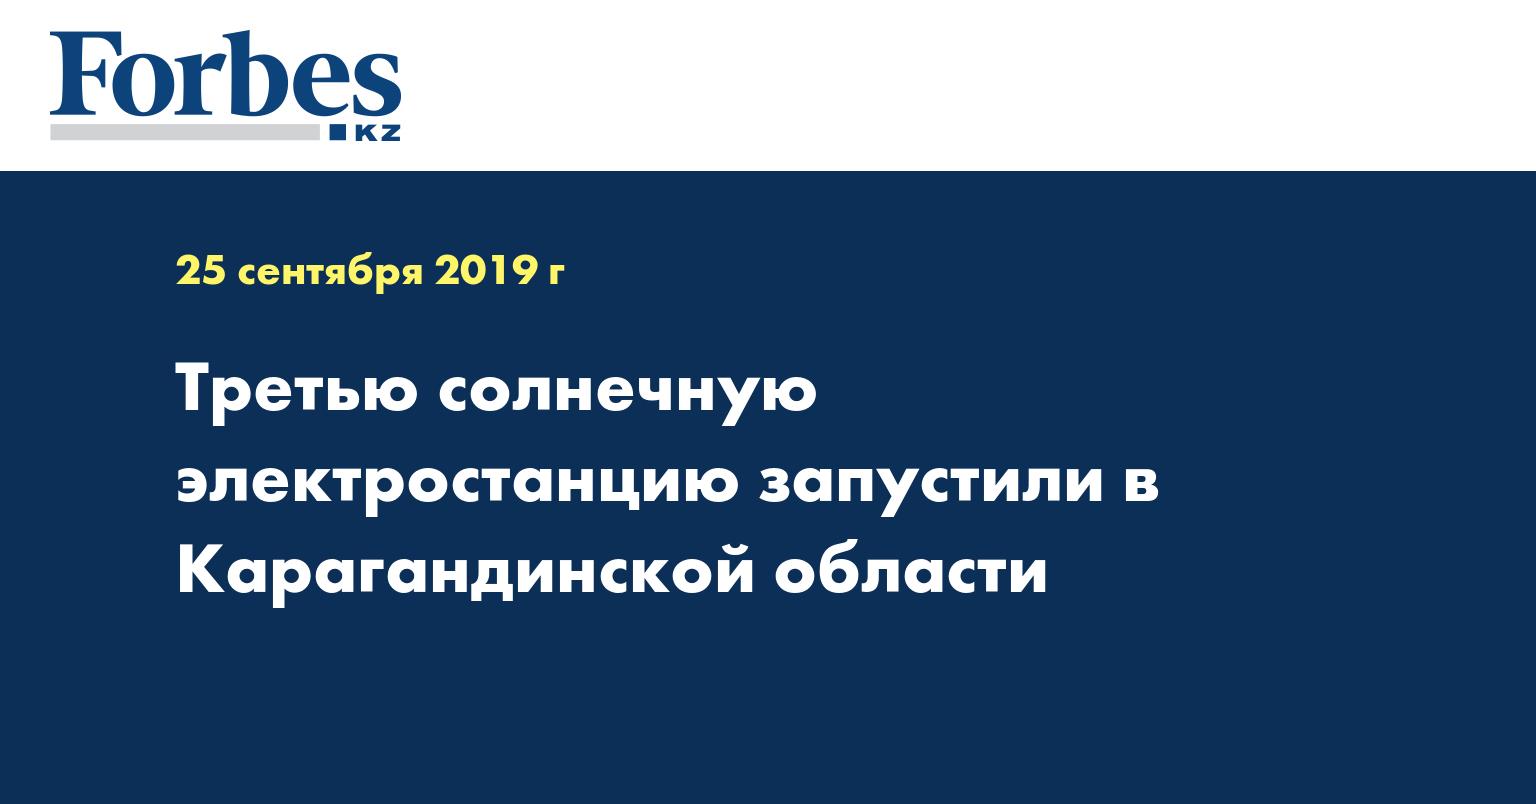 Третью солнечную электростанцию запустили в Карагандинской области